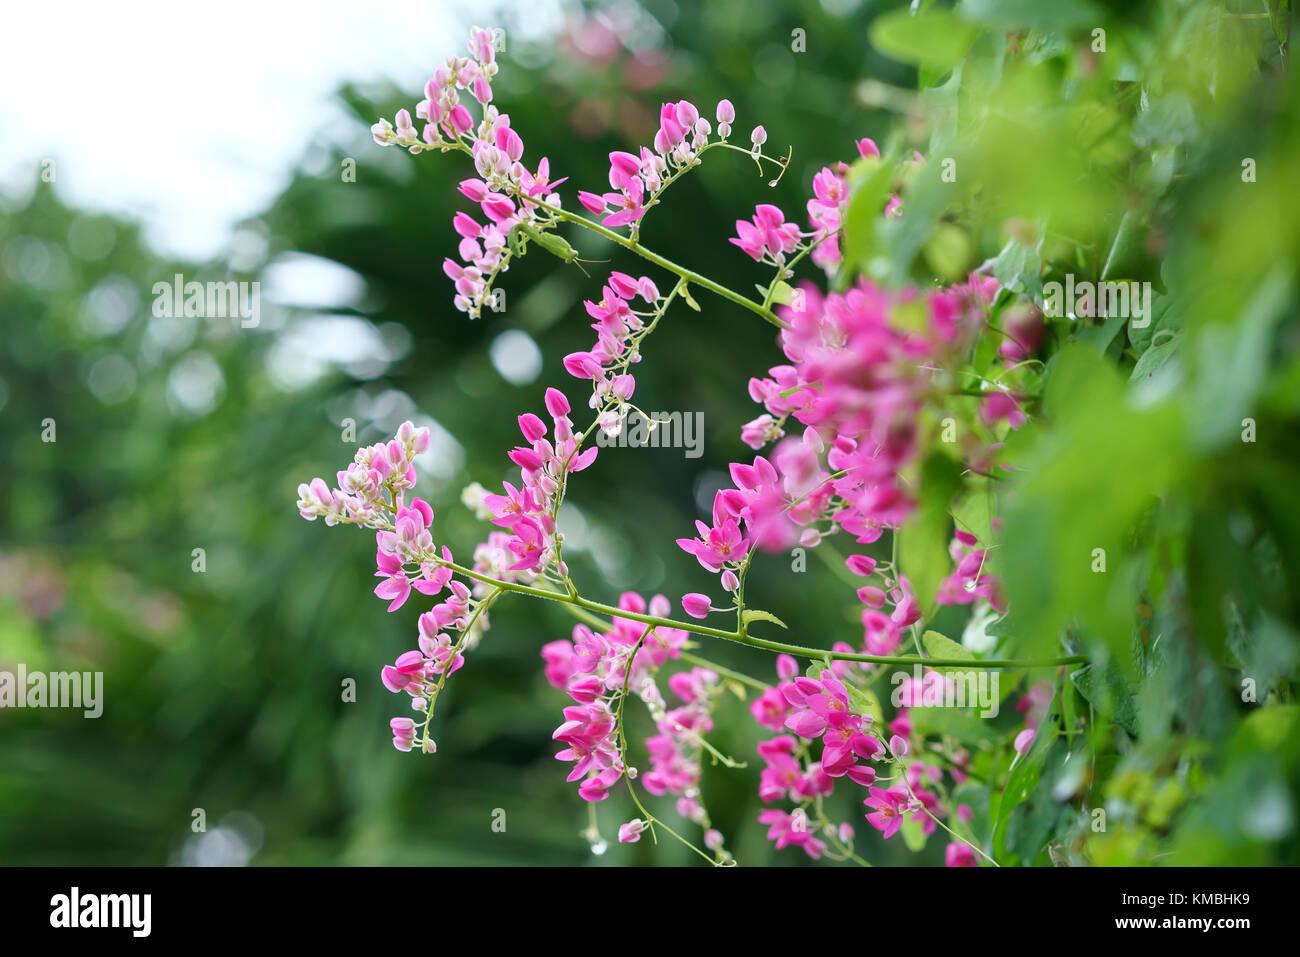 La Antigonon leptopus florece en el jardín, este es un blanco ...